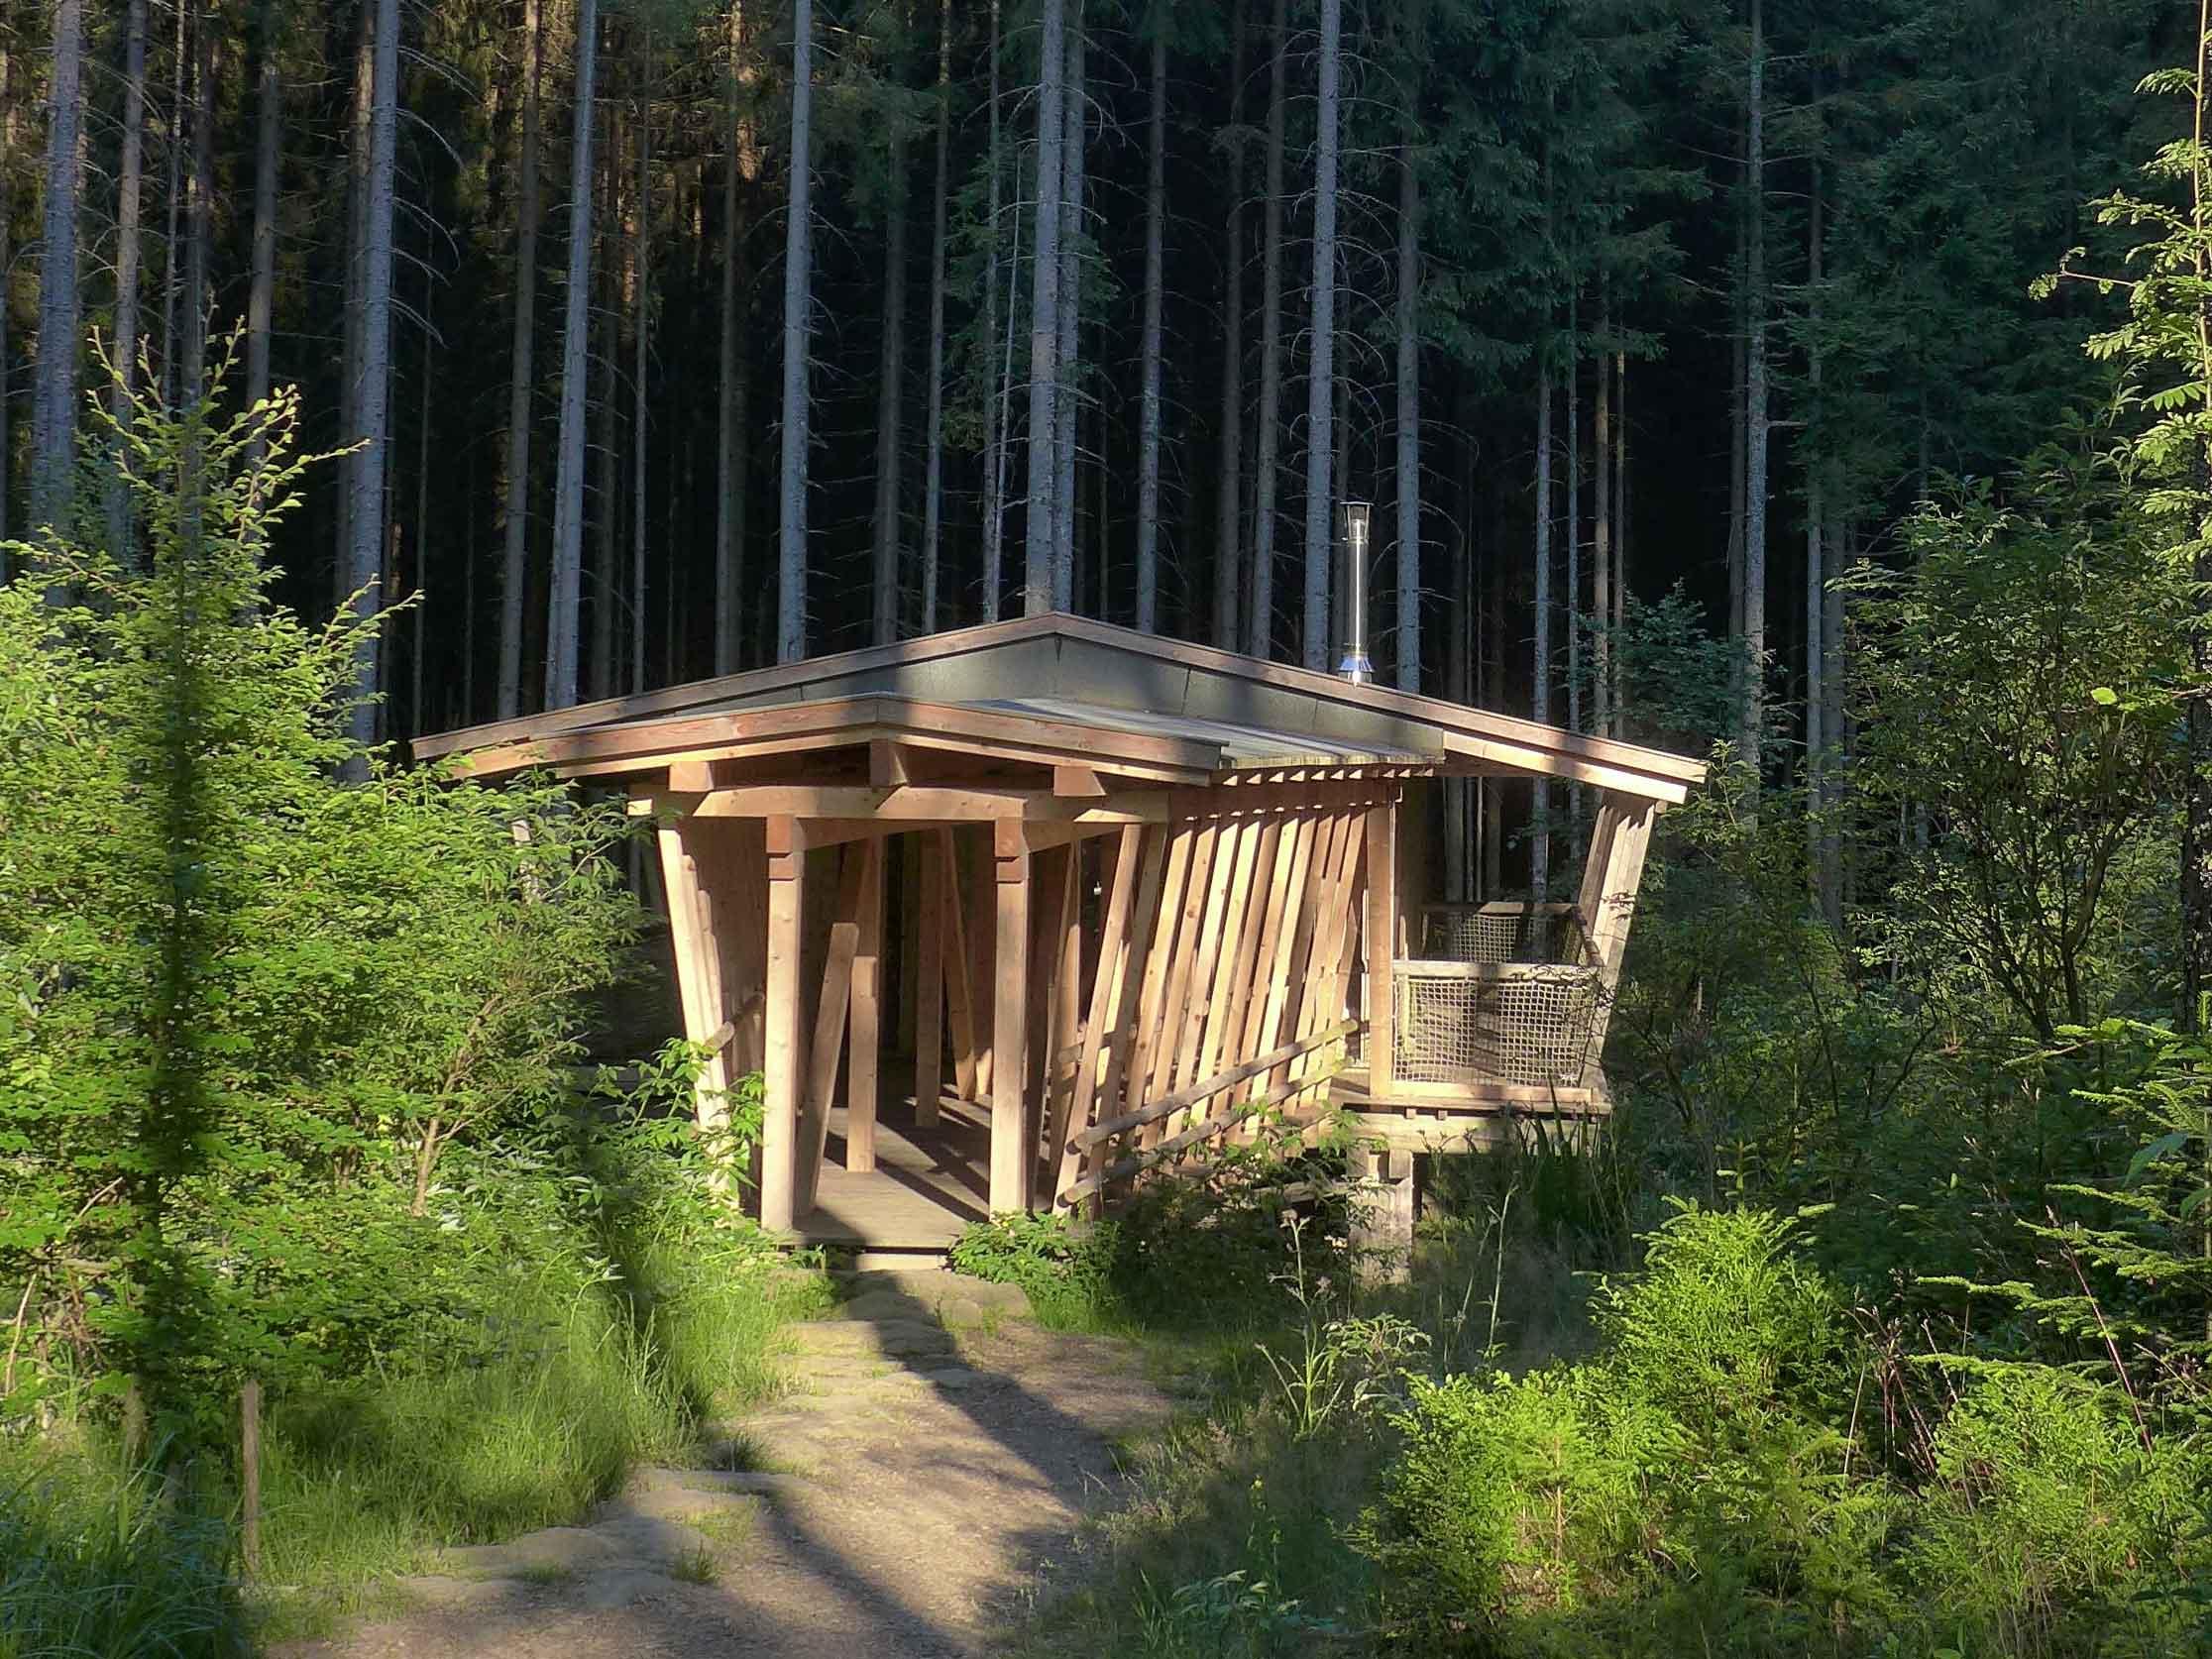 wildniscamp am falkenstein im nationalpark bayerischer wald wo wilde kerle willkommen sind. Black Bedroom Furniture Sets. Home Design Ideas